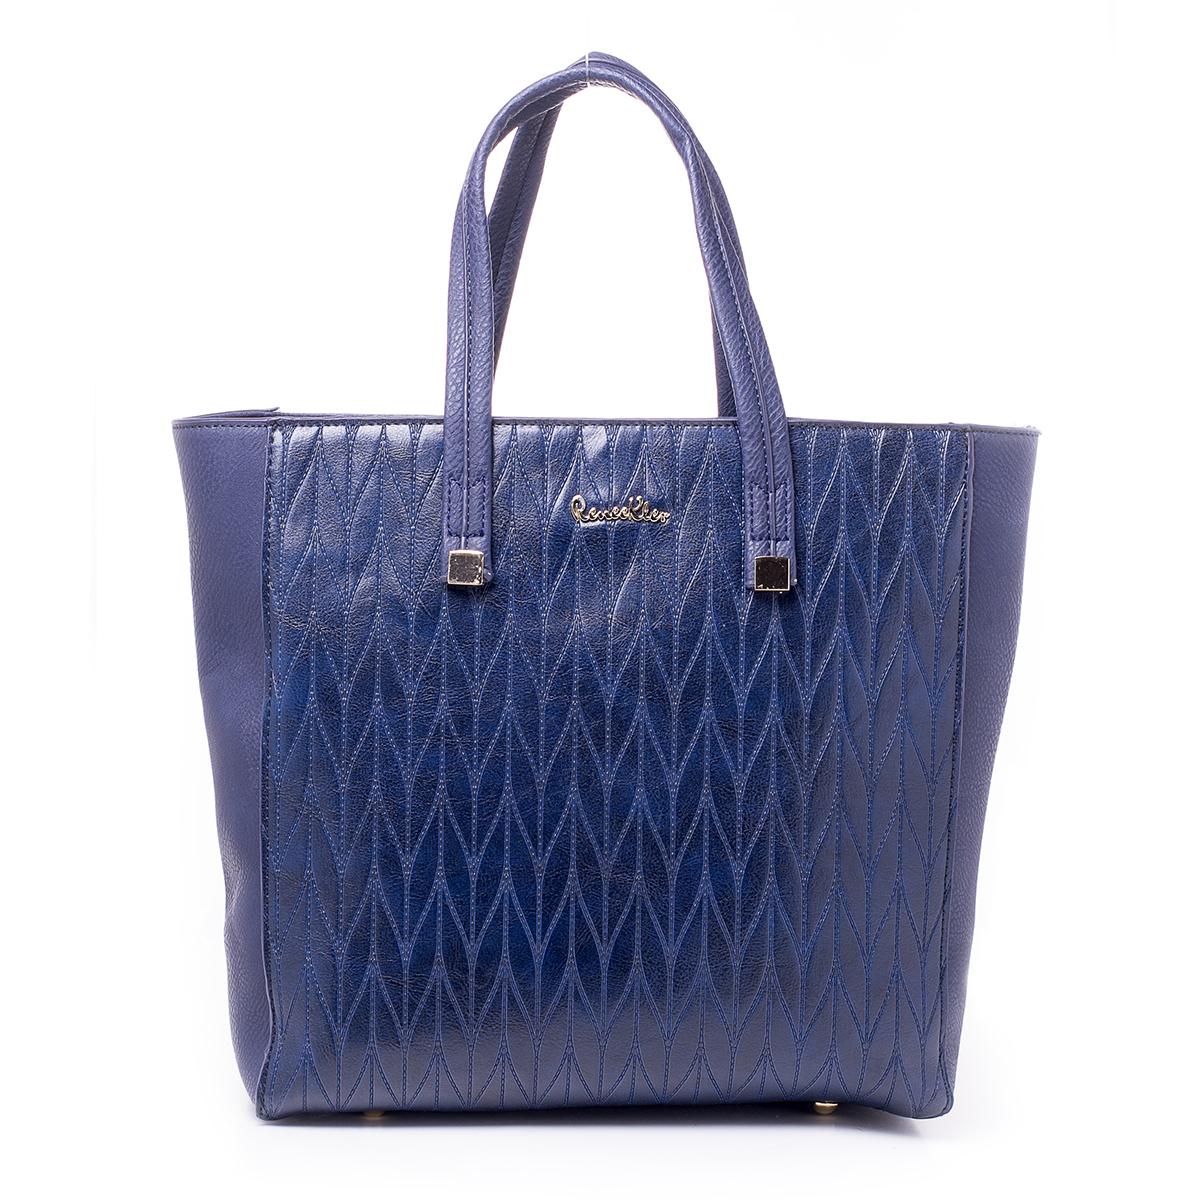 Сумка женская Renee Kler, цвет: синий. RK515-06RK515-06Загрязнения на изделиях удаляется влажной мягкой тканью